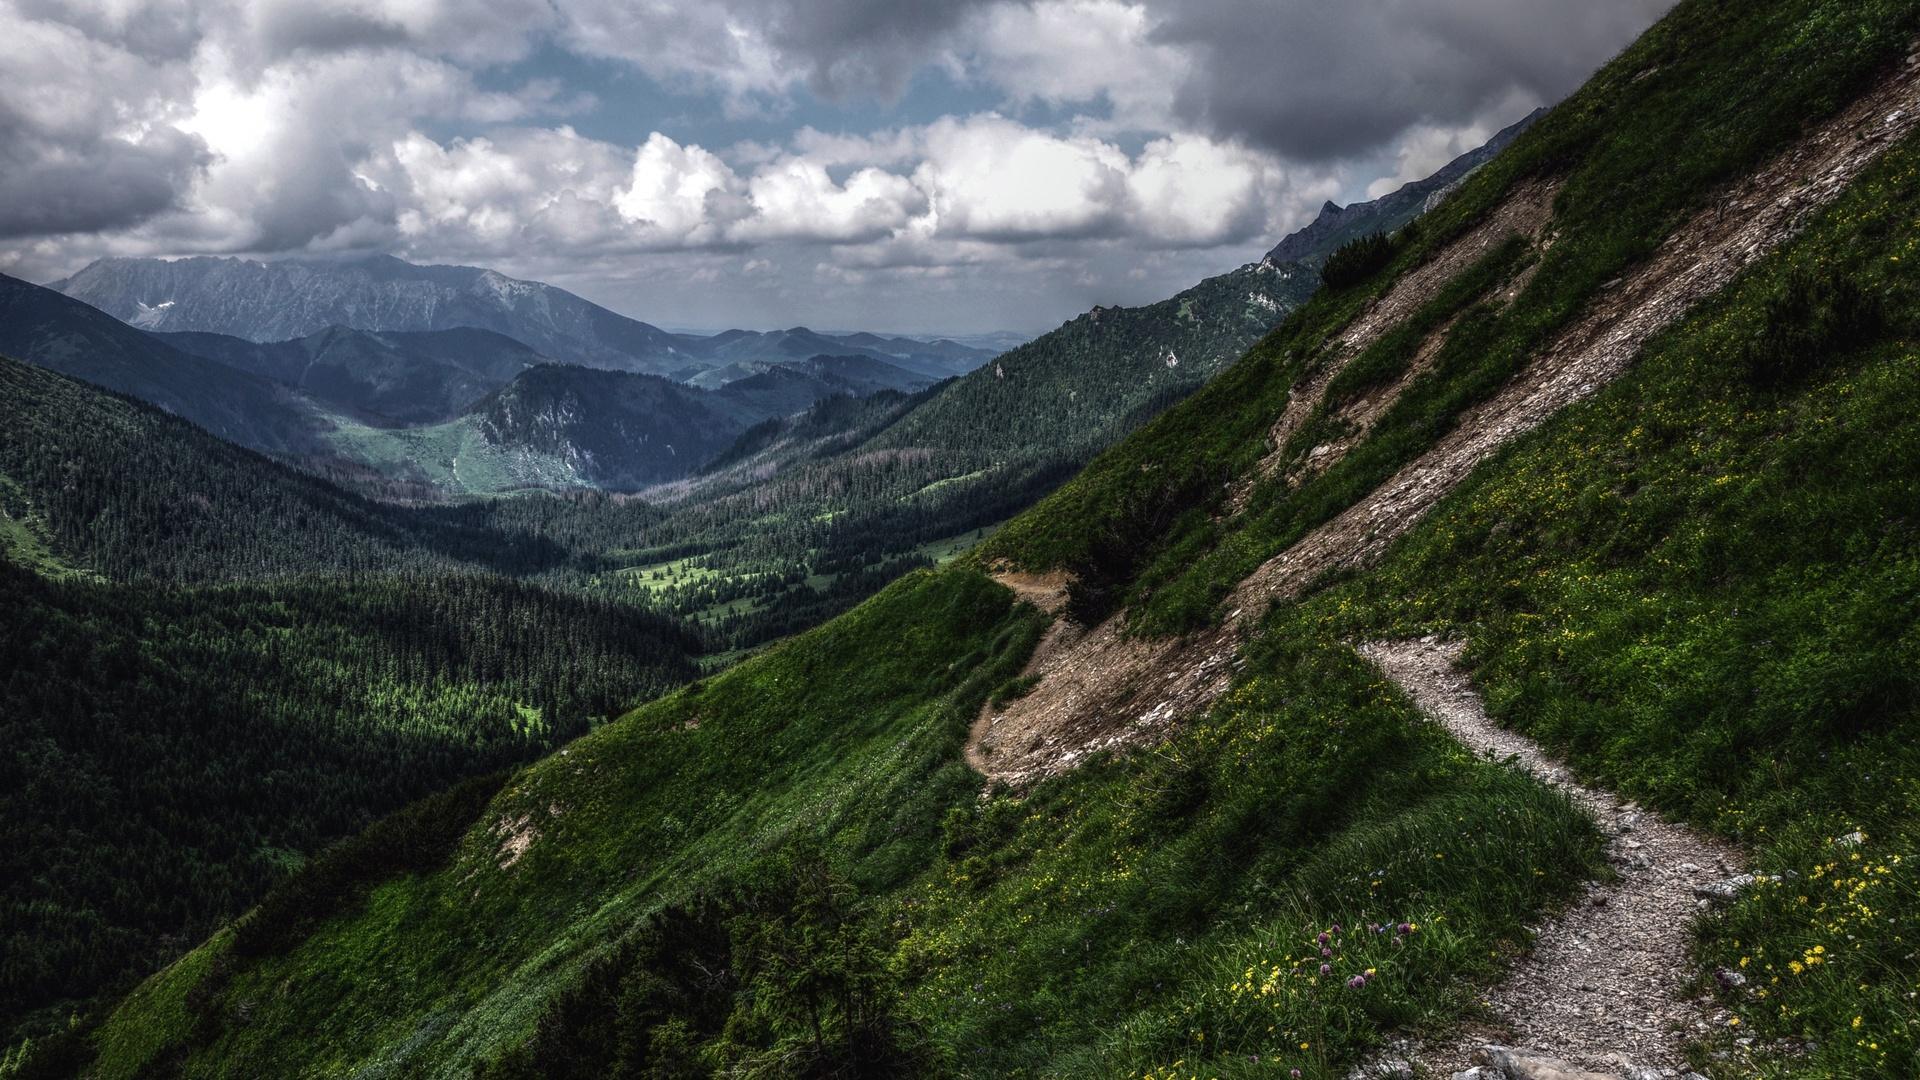 Hiking Wallpaper HD - WallpaperSafari